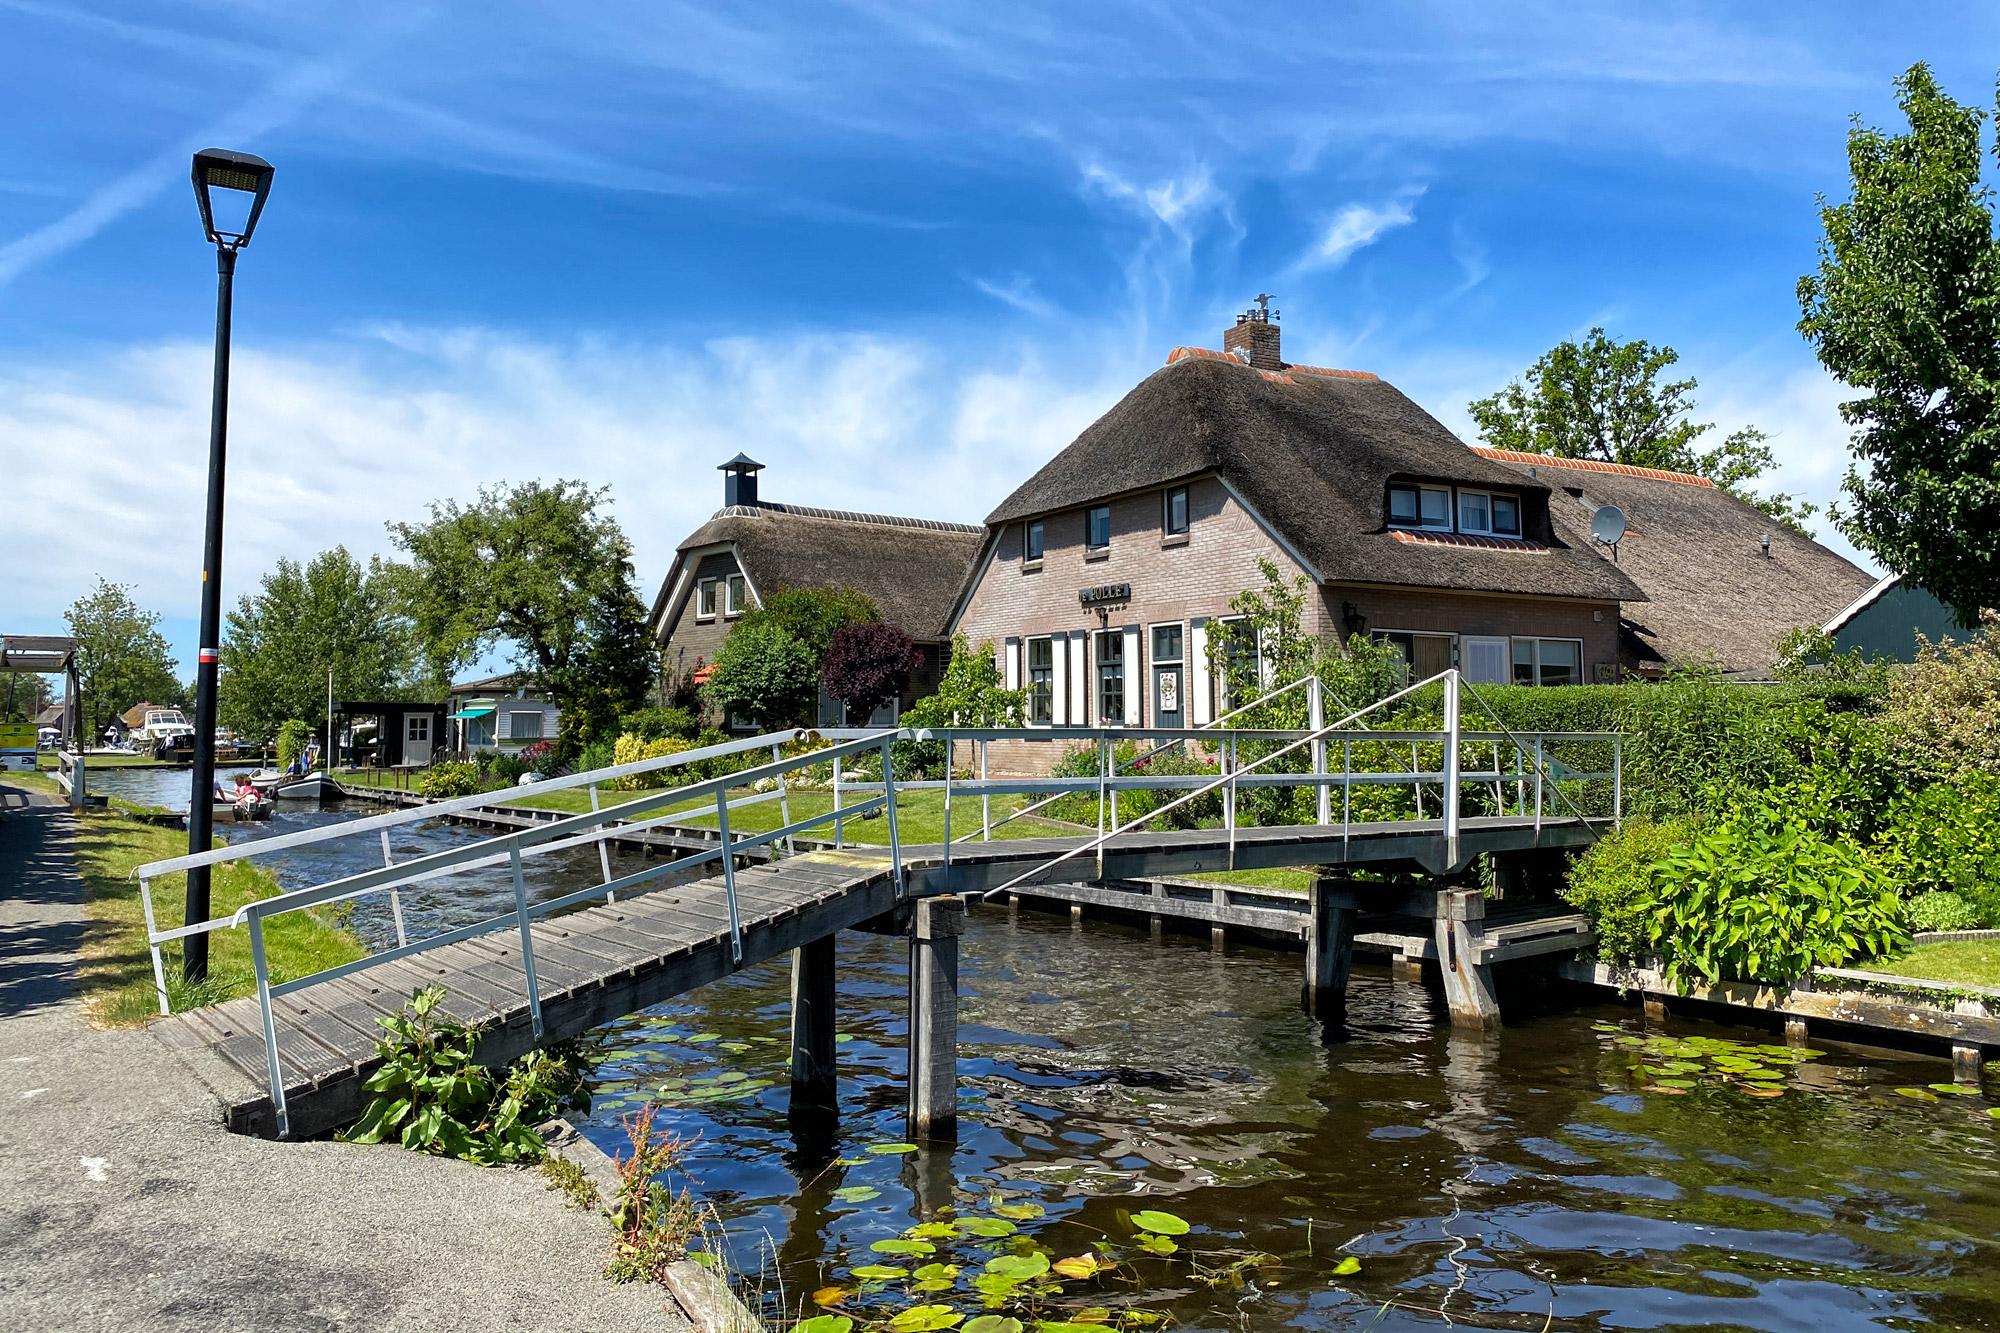 Foto van de maand juni 2020 - Giethoorn